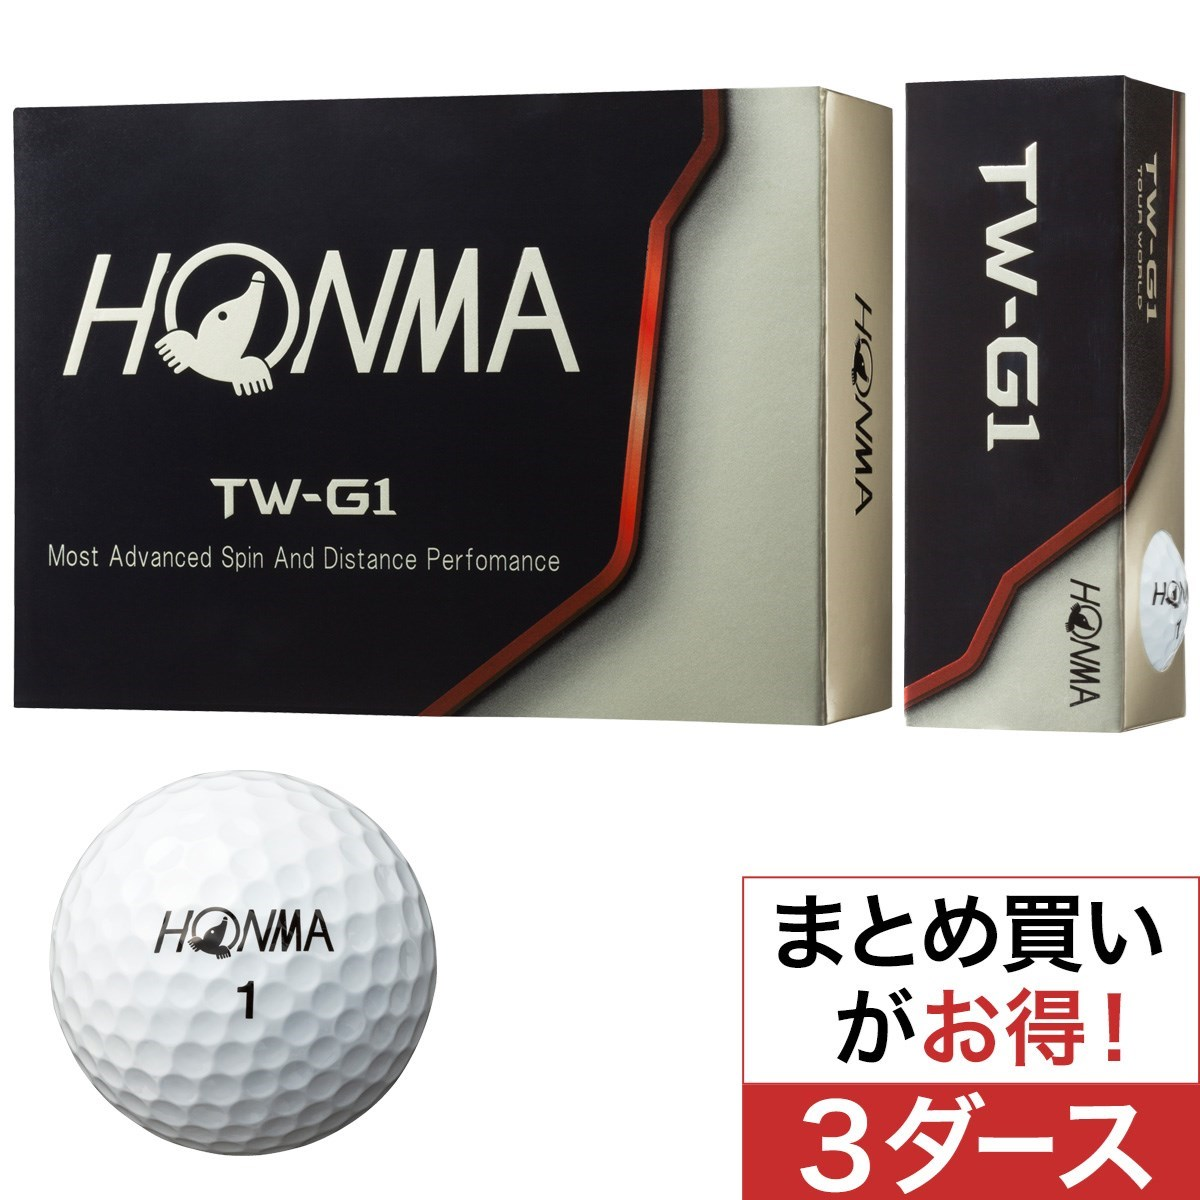 本間ゴルフ(HONMA GOLF) TW-G1 ボール 3ダースセット